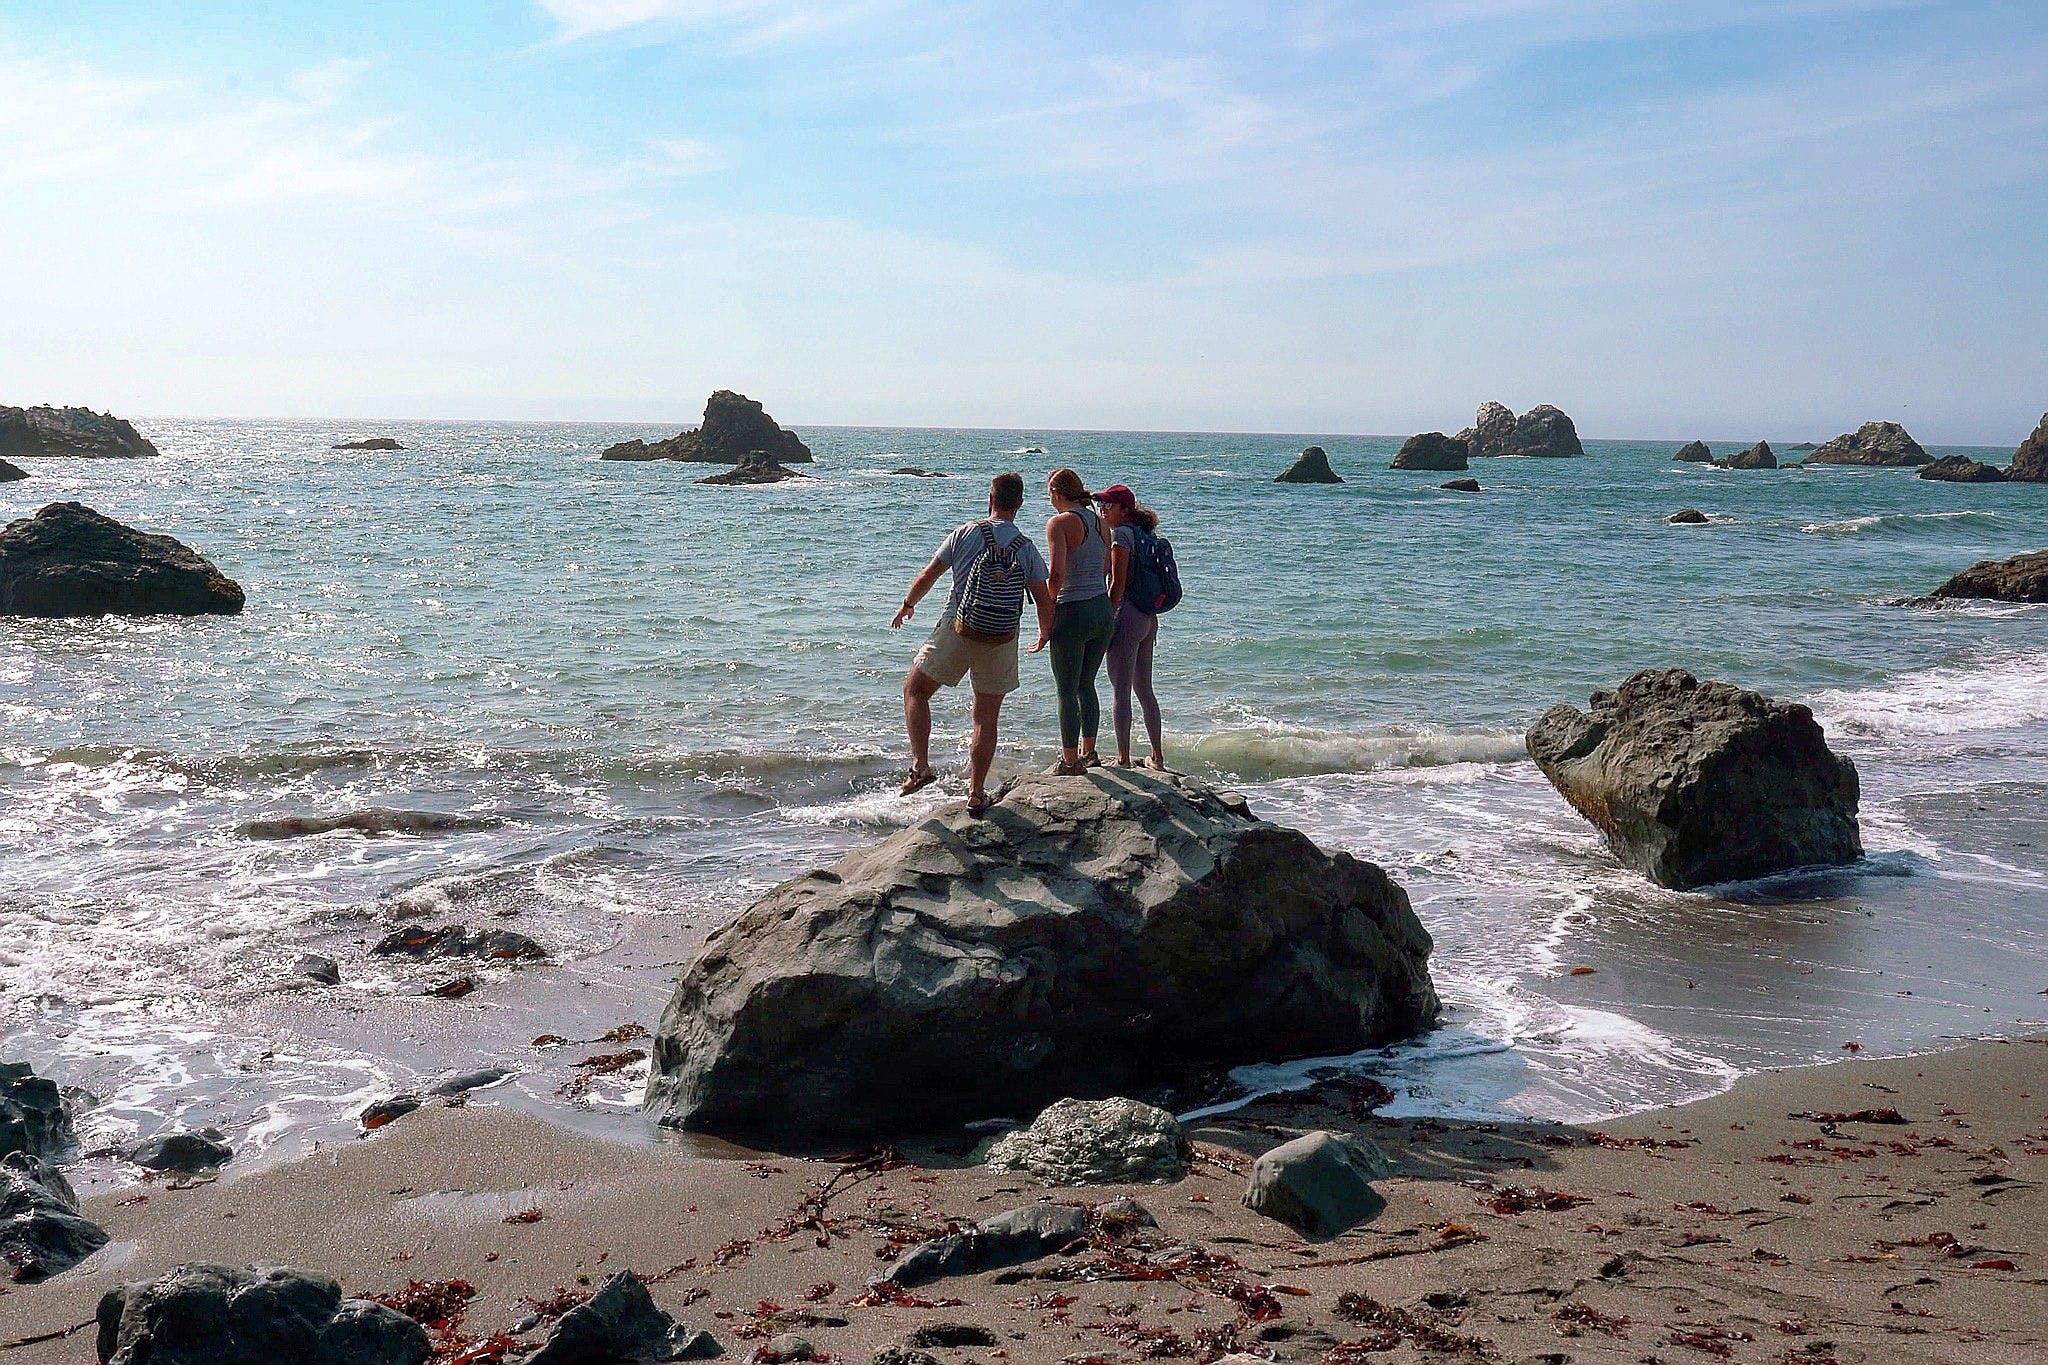 Shell Beach on the Sonoma Coast